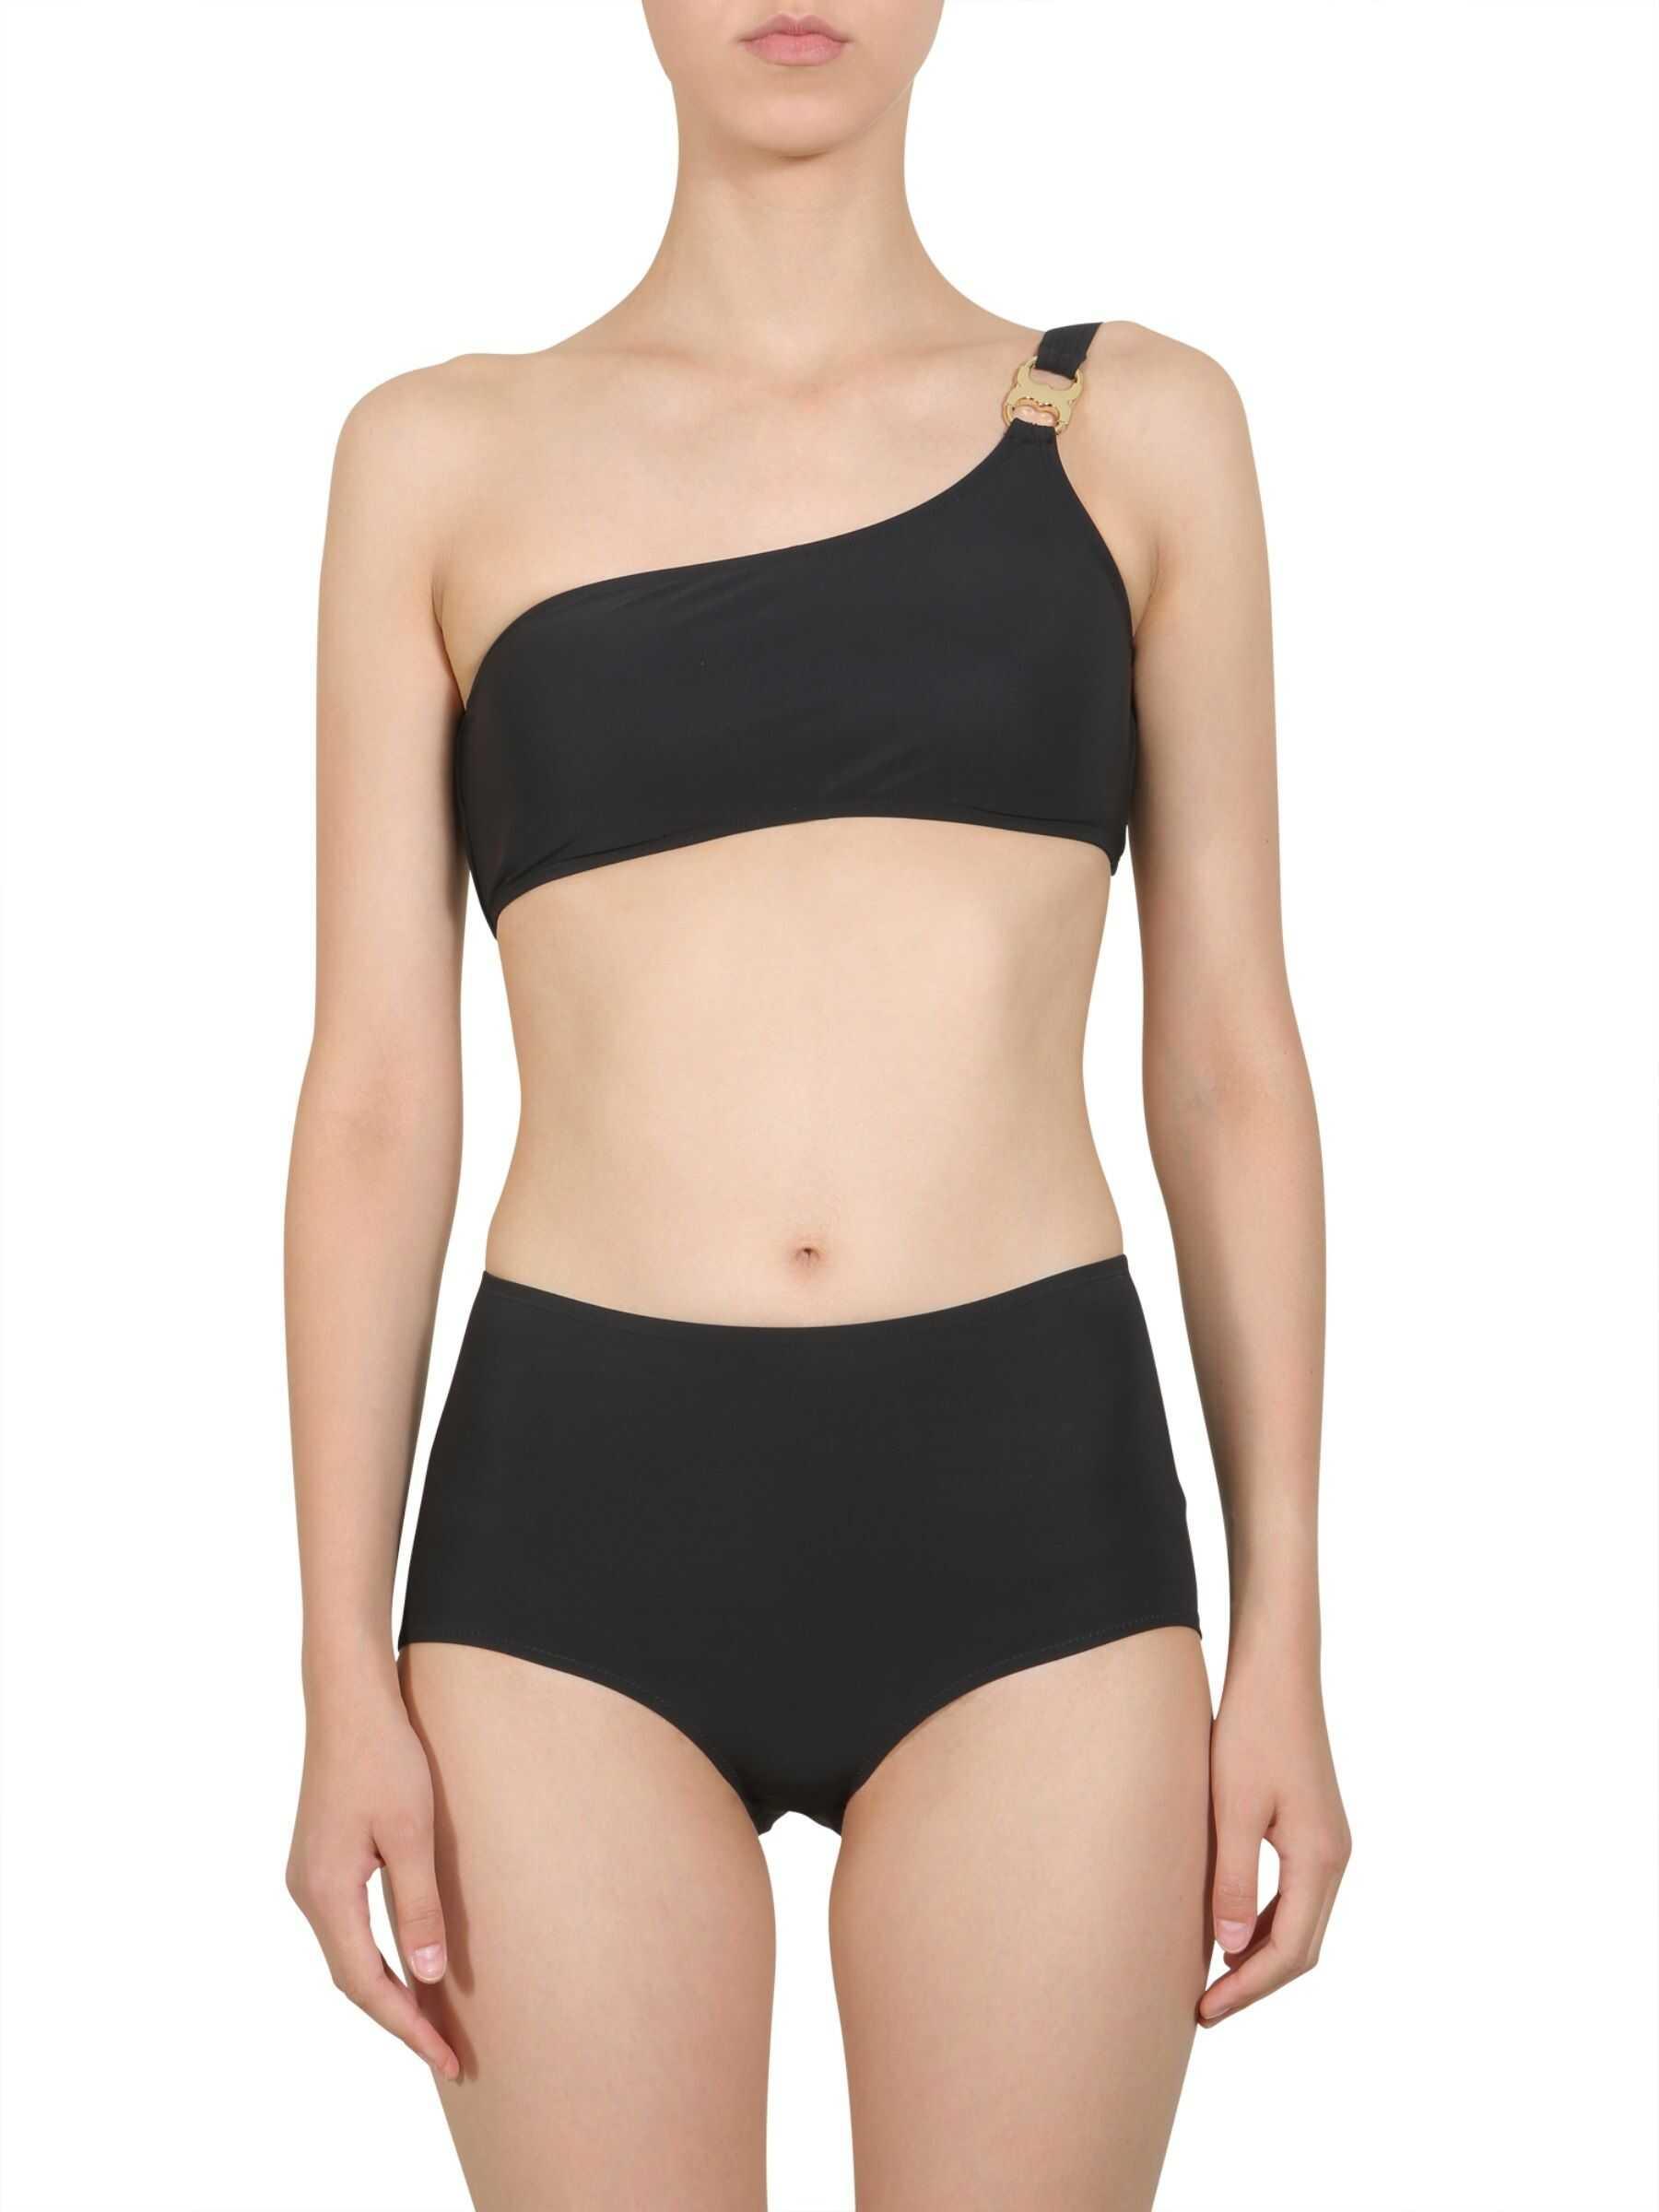 Tory Burch High Waist Bikini Slip BLACK